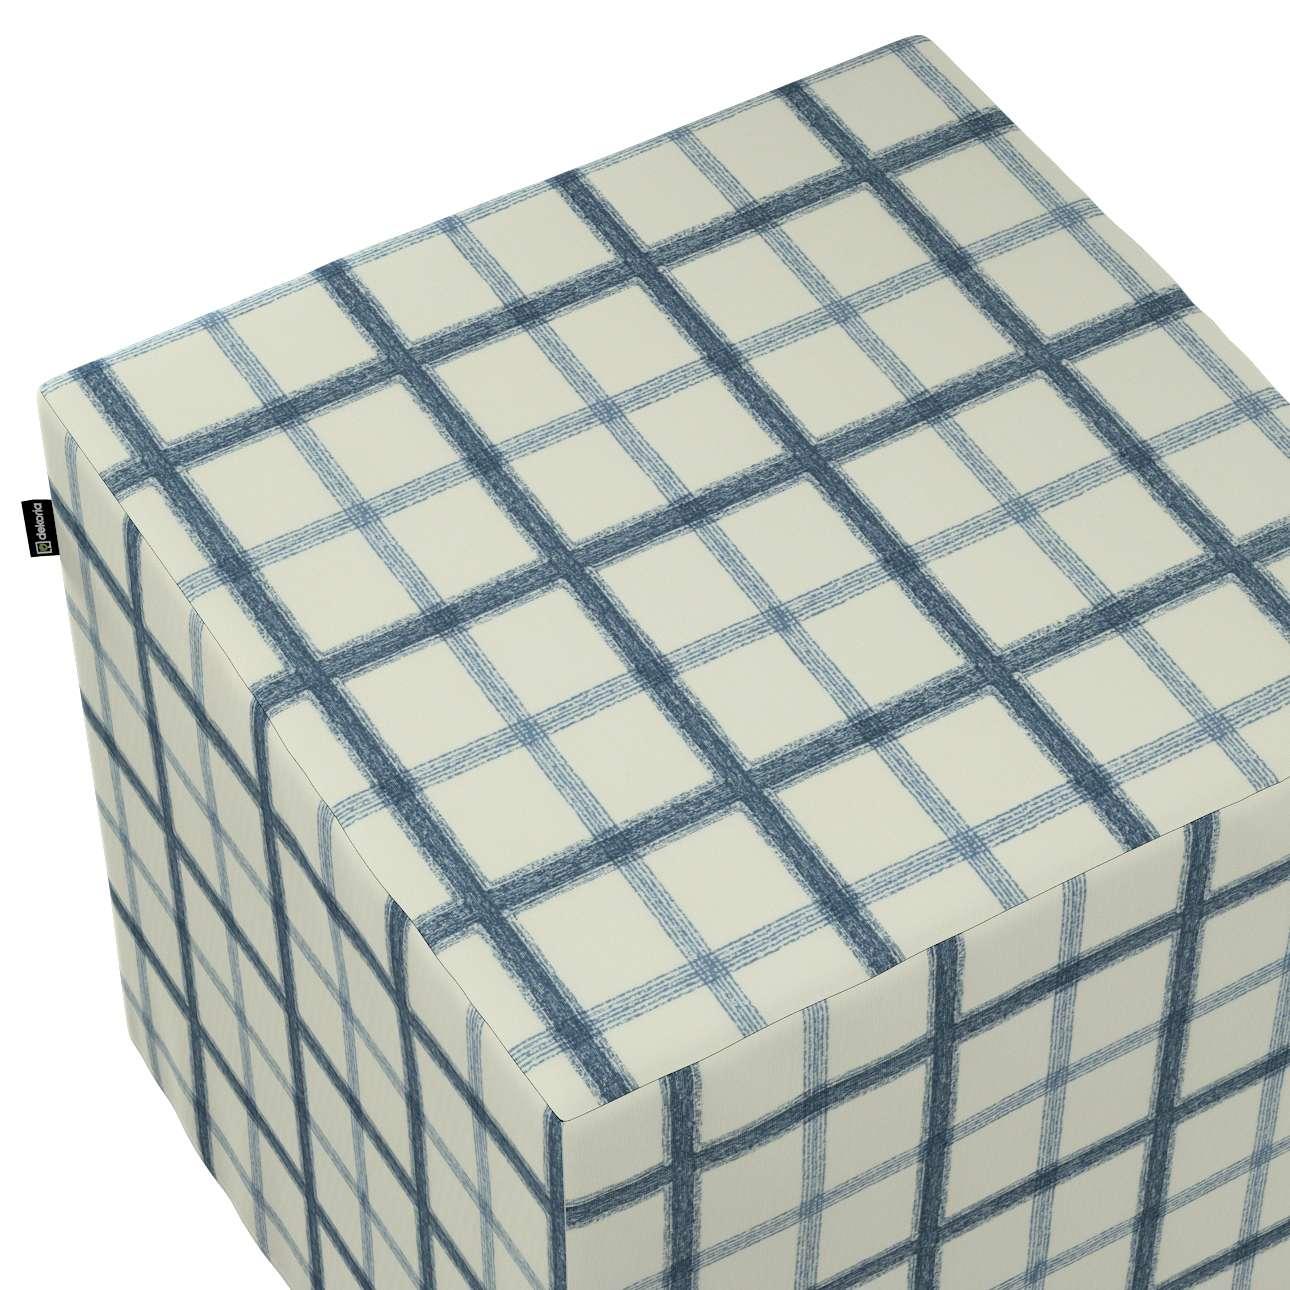 Pokrowiec na pufę kostkę w kolekcji Avinon, tkanina: 131-66